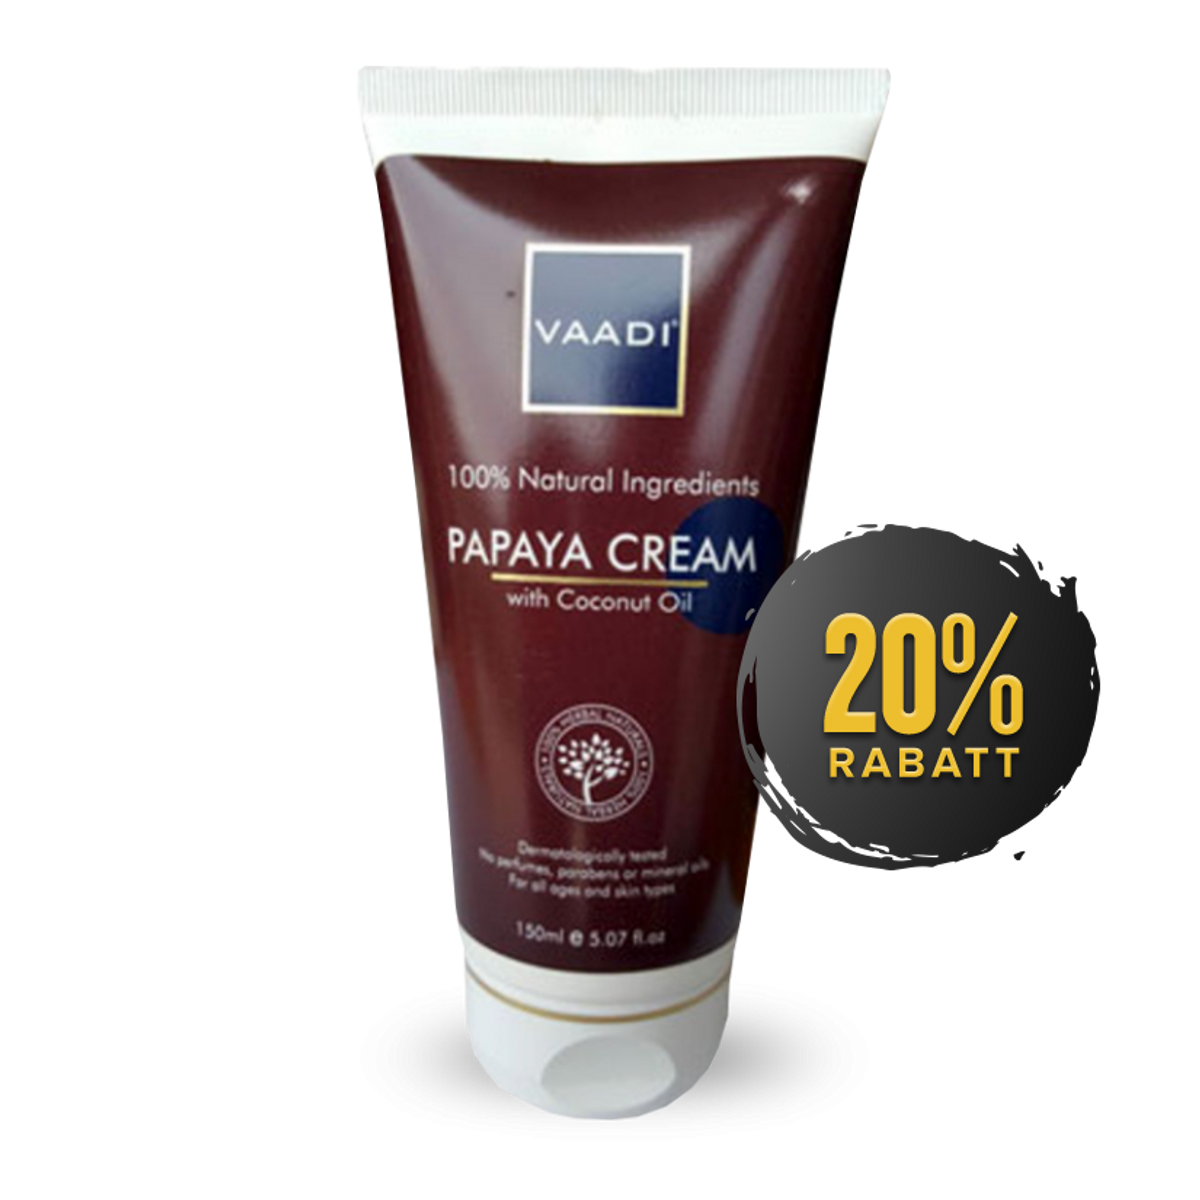 Papaya Cream (Vaadi)